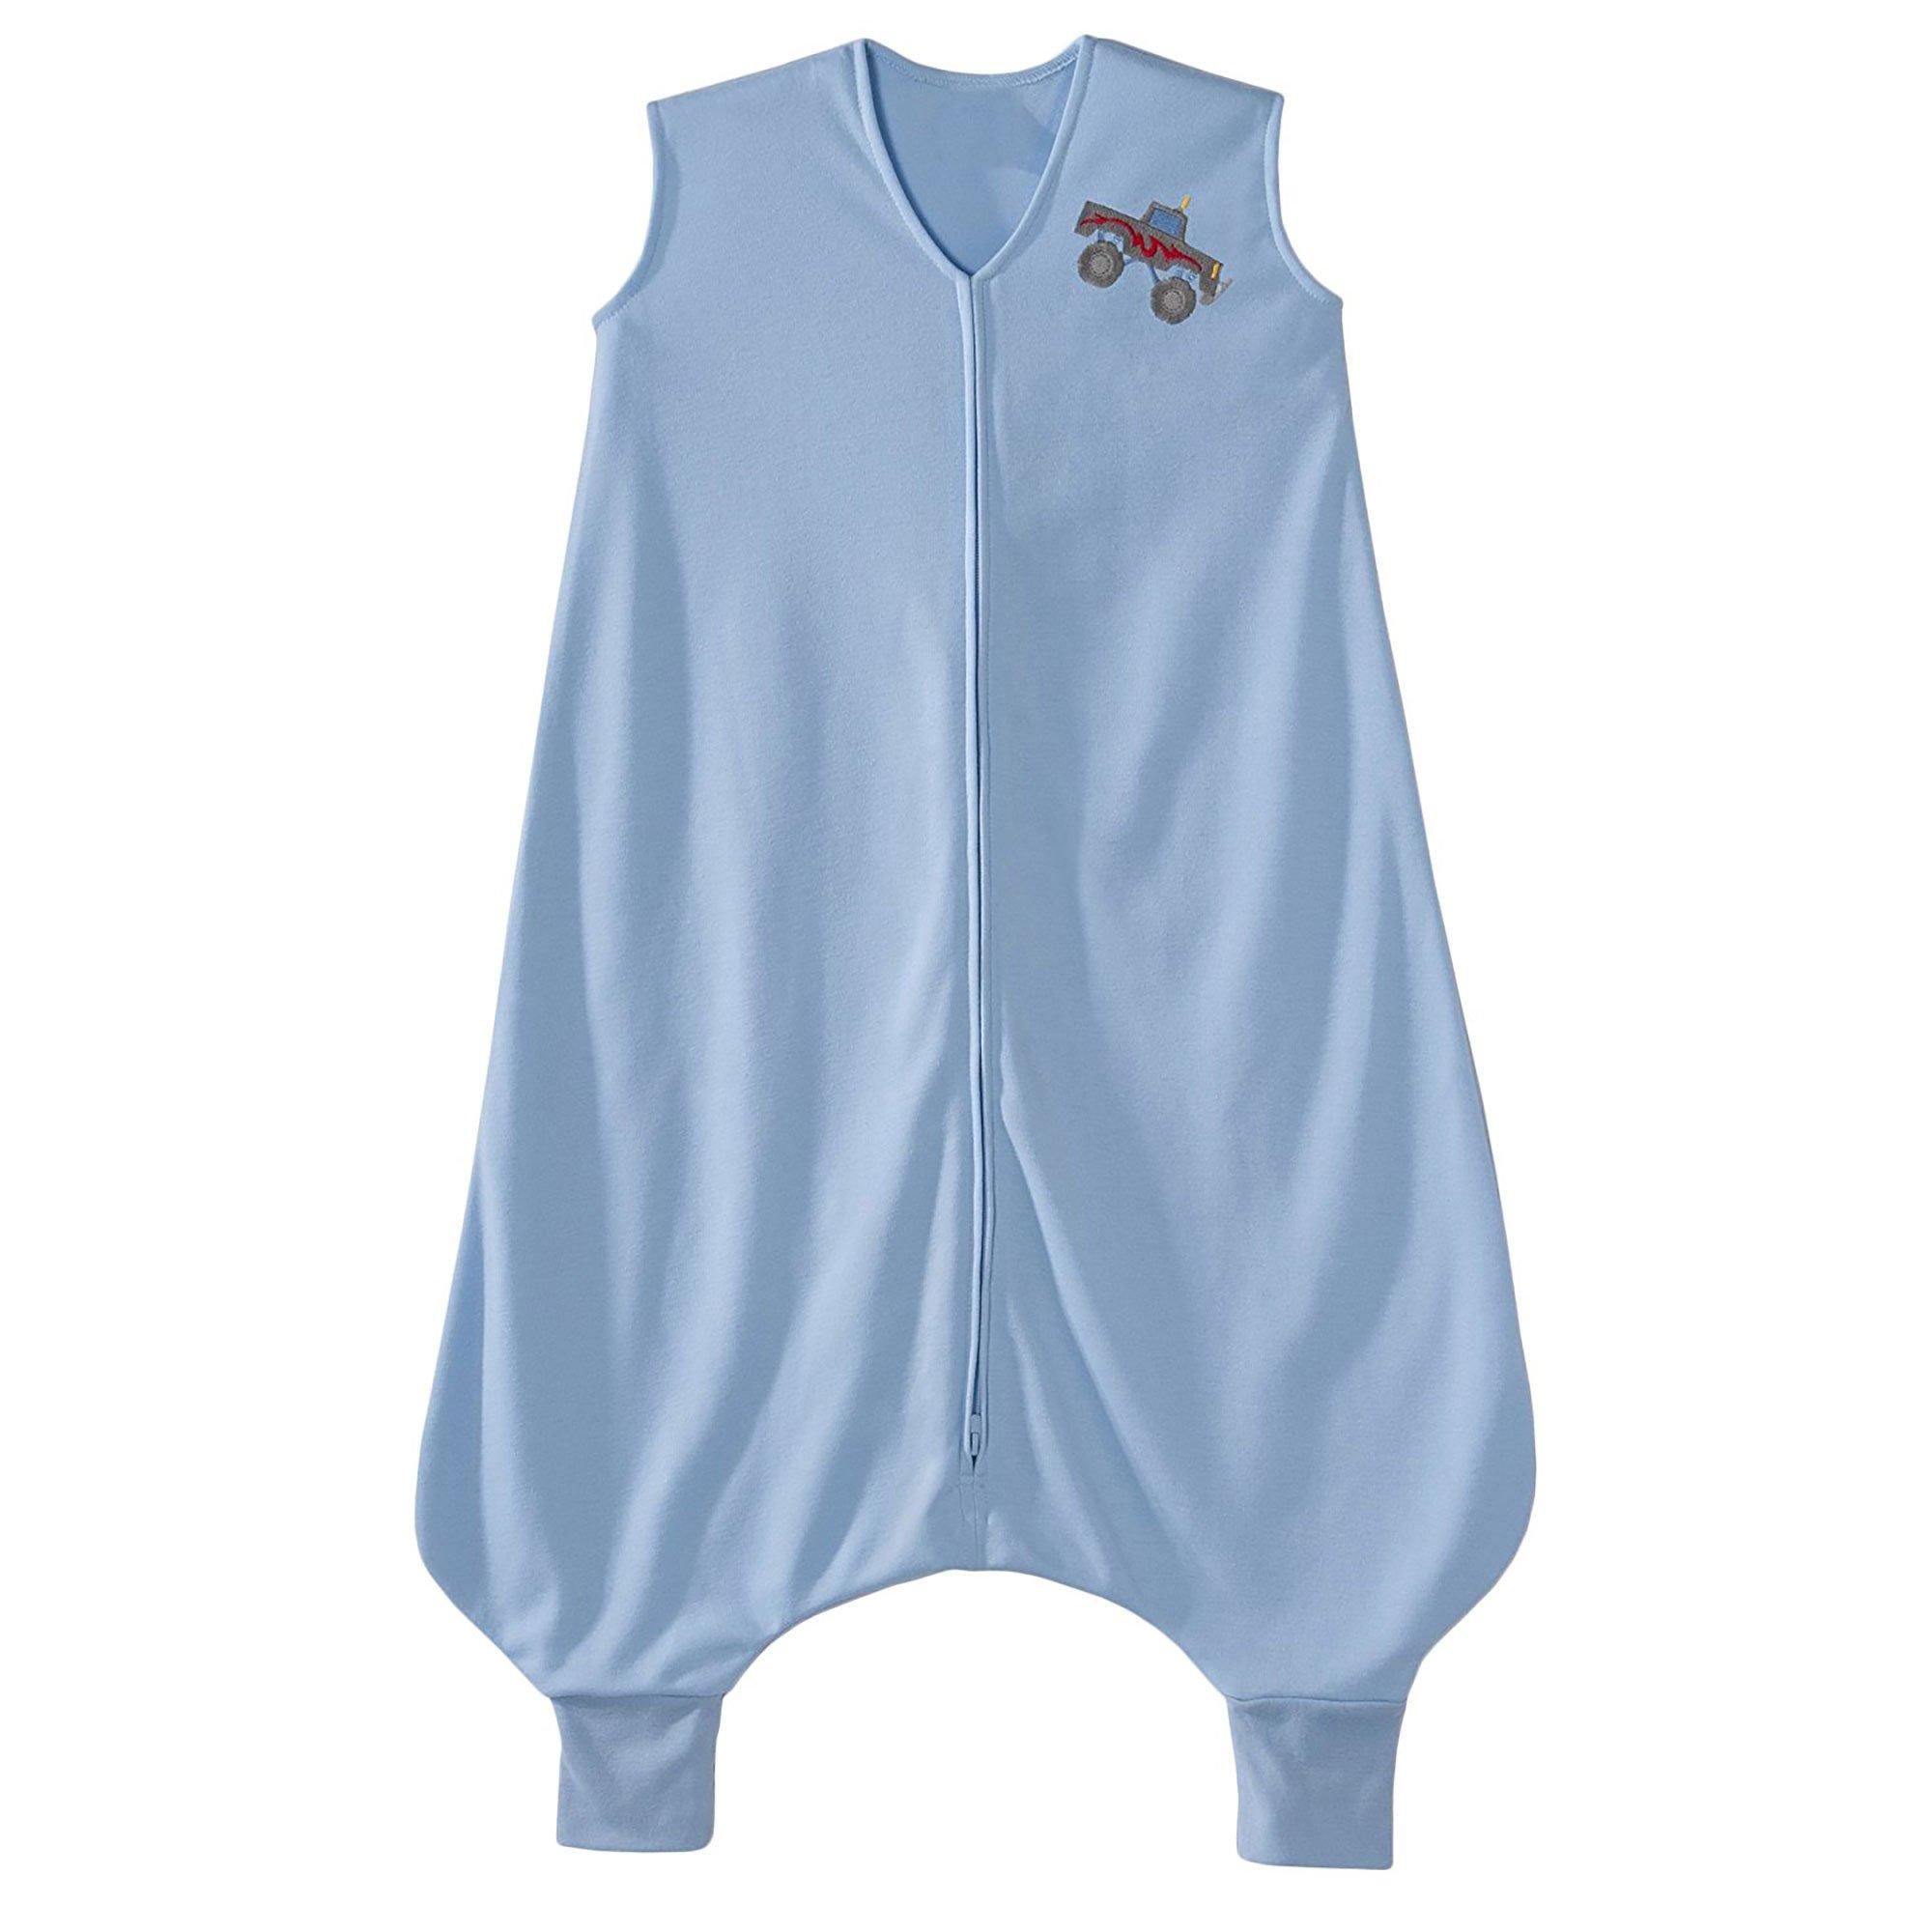 HALO Big Kids Sleepsack Lightweight Knit Wearable Blanket, Blue, 2-3T by Halo